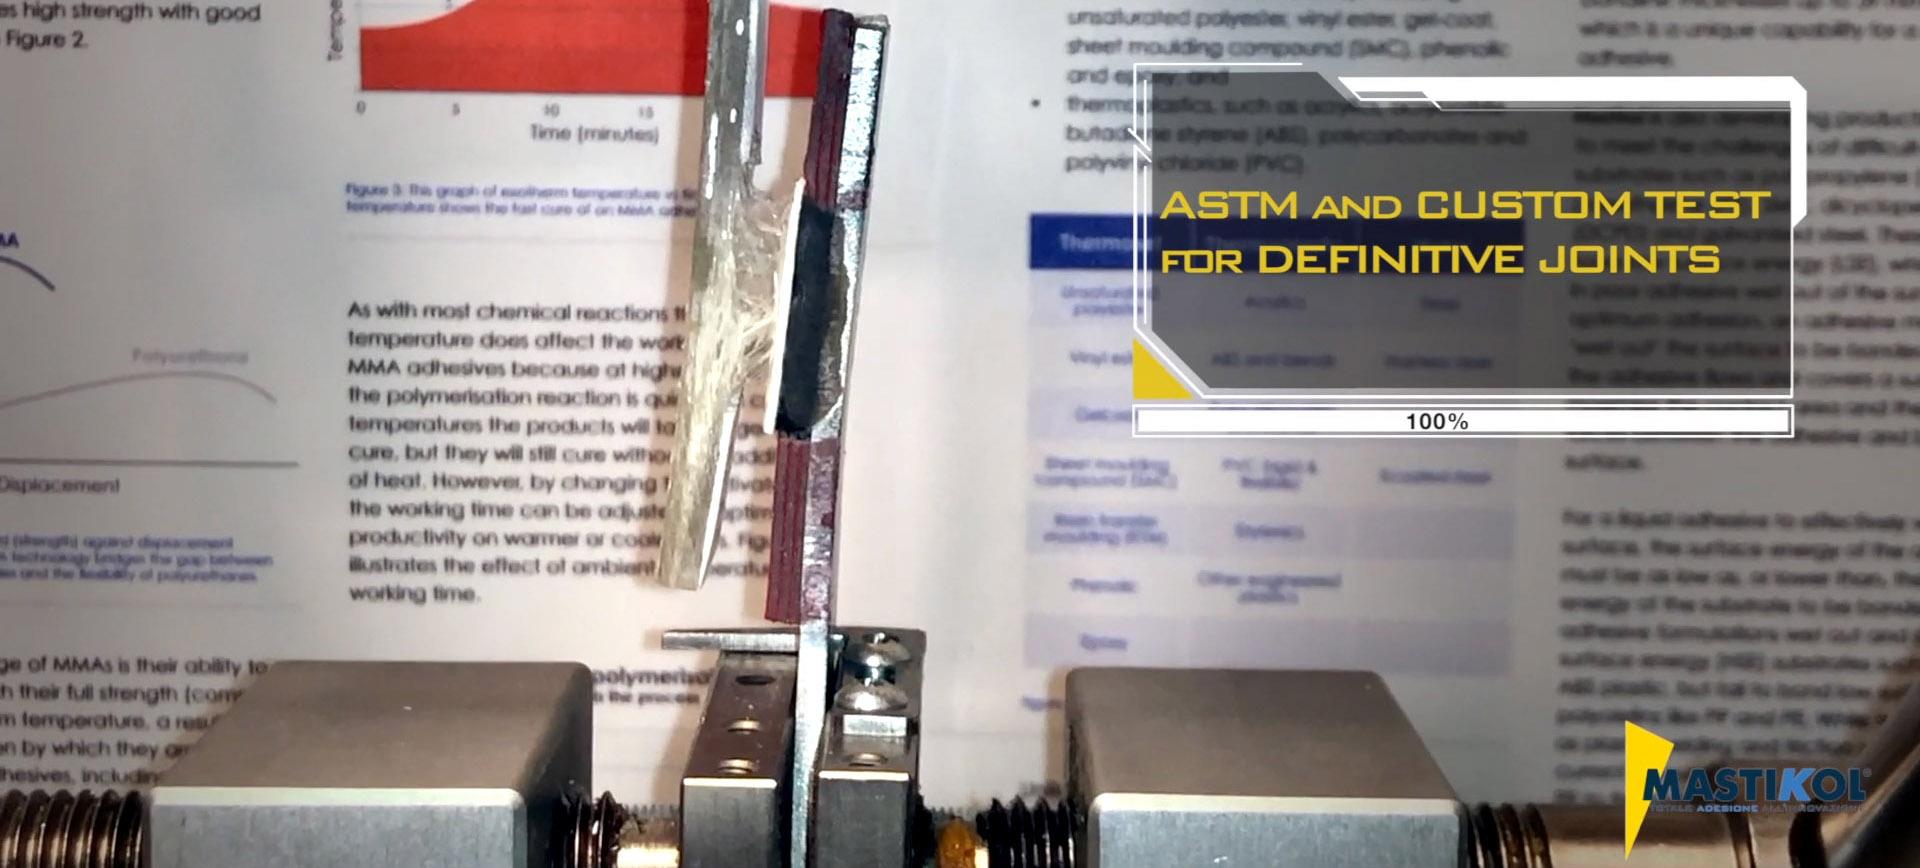 Laboratorio Mastikol dinamomoetro